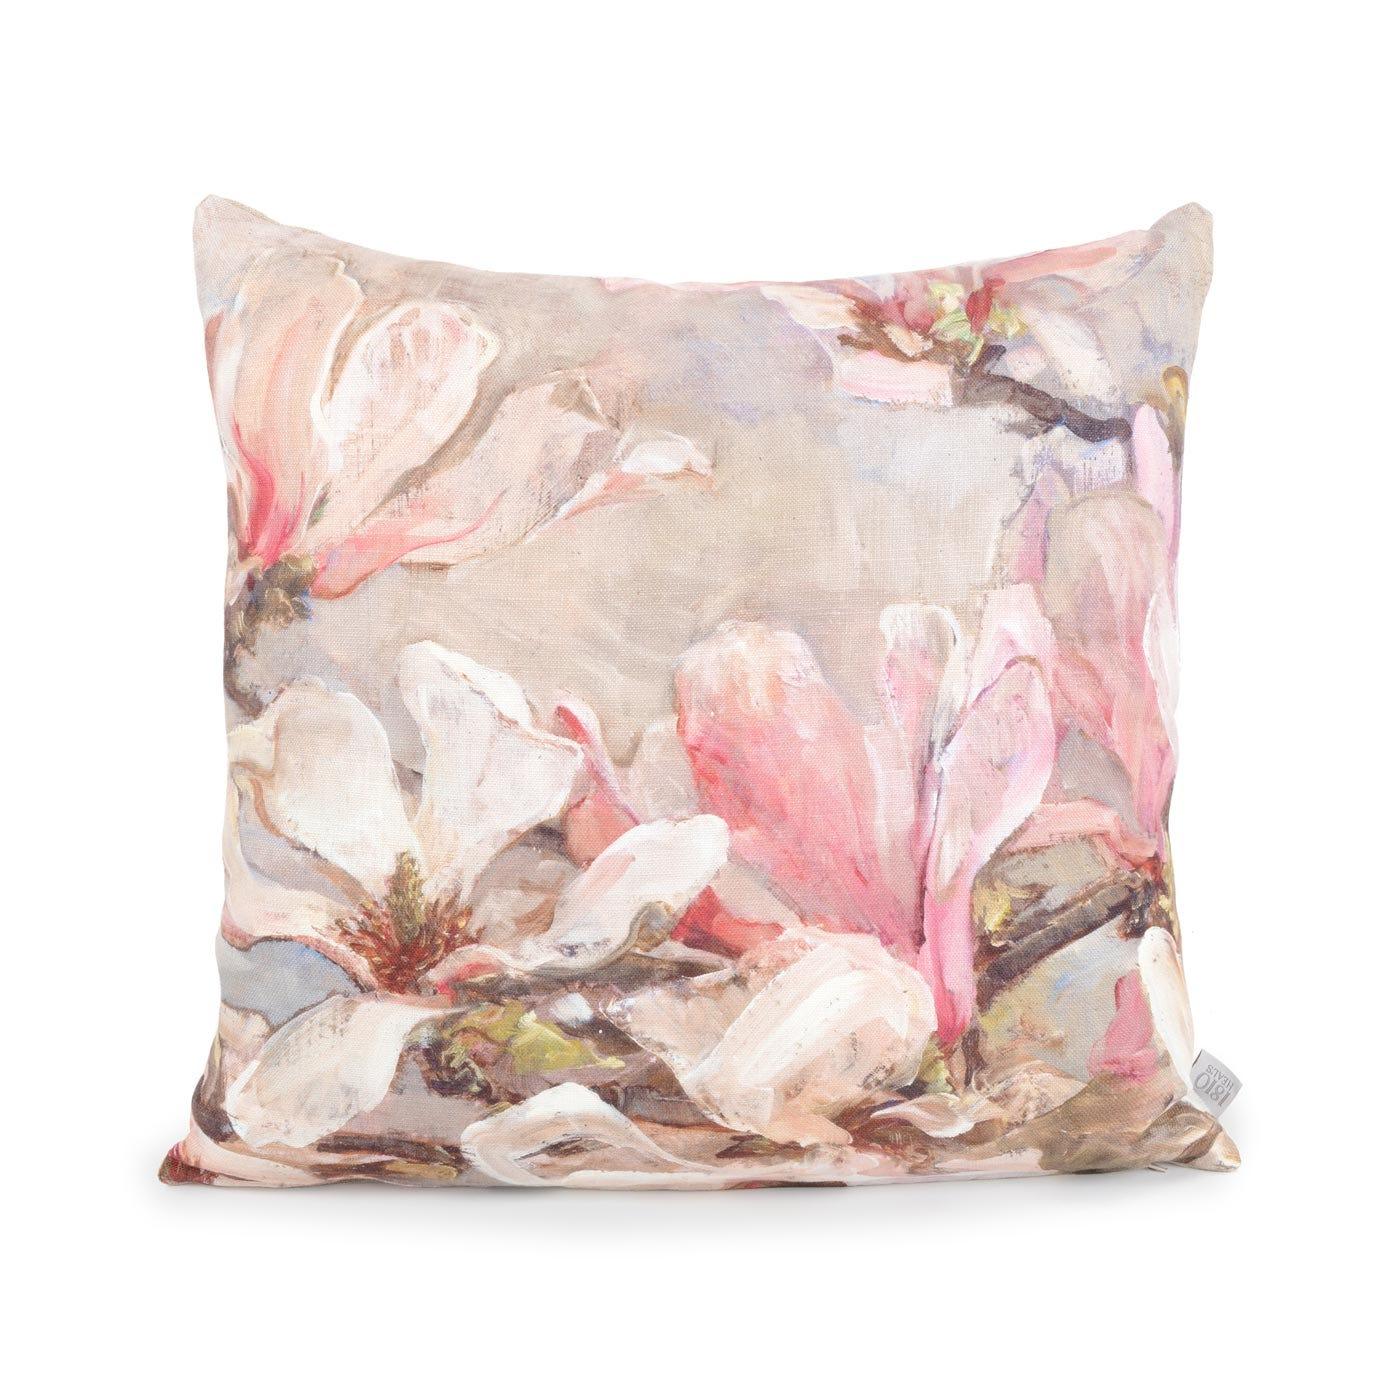 Grand White Petals Cushion